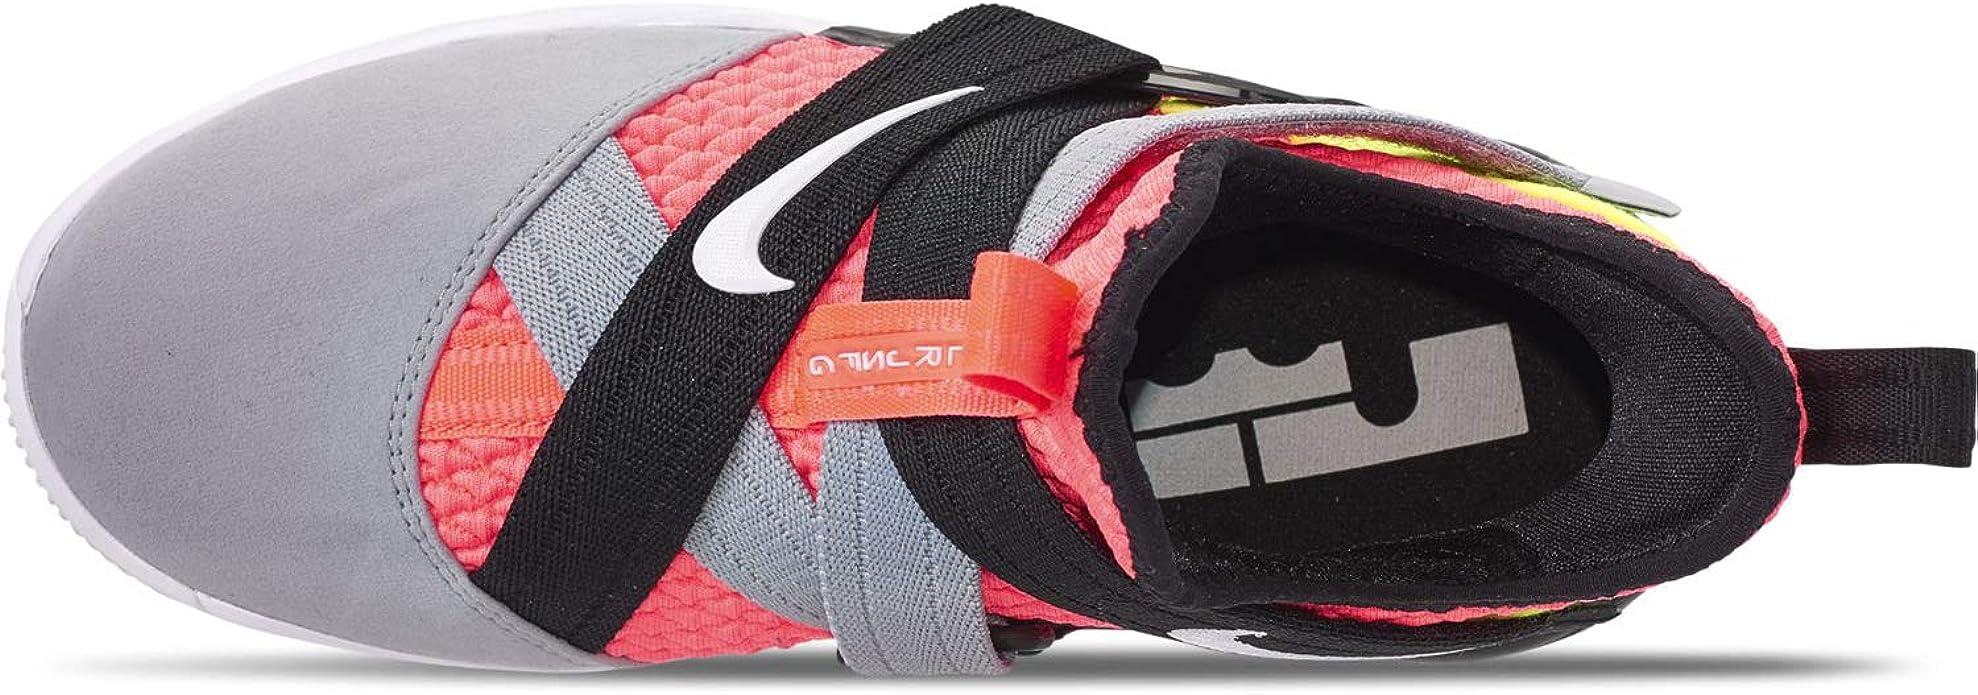 Nike Grade School Lebron Soldier XII Chaussures de Basketball pour Enfant